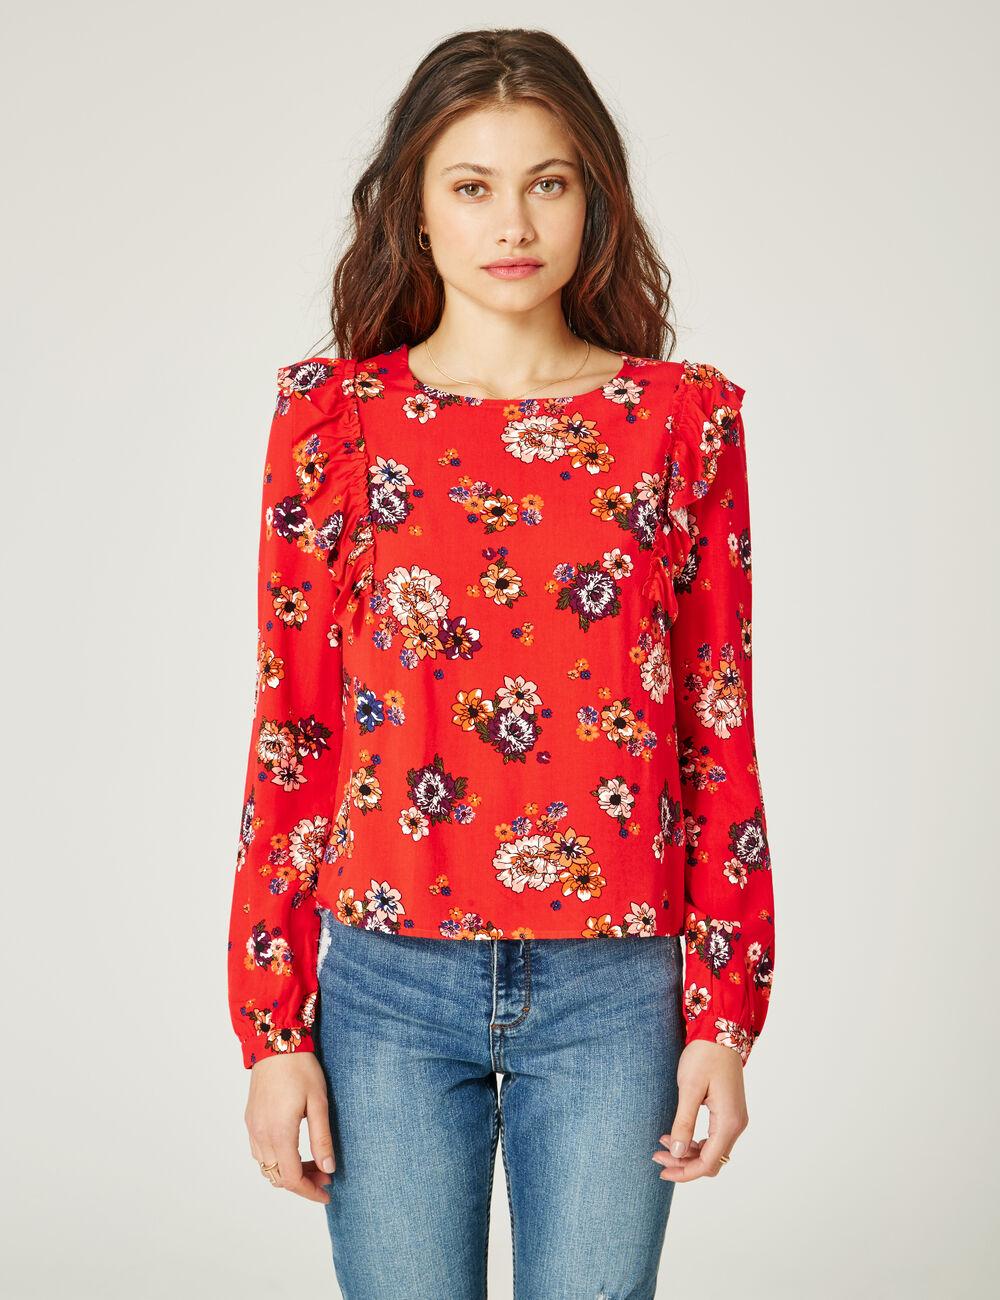 blouse fleurie rouge femme jennyfer. Black Bedroom Furniture Sets. Home Design Ideas